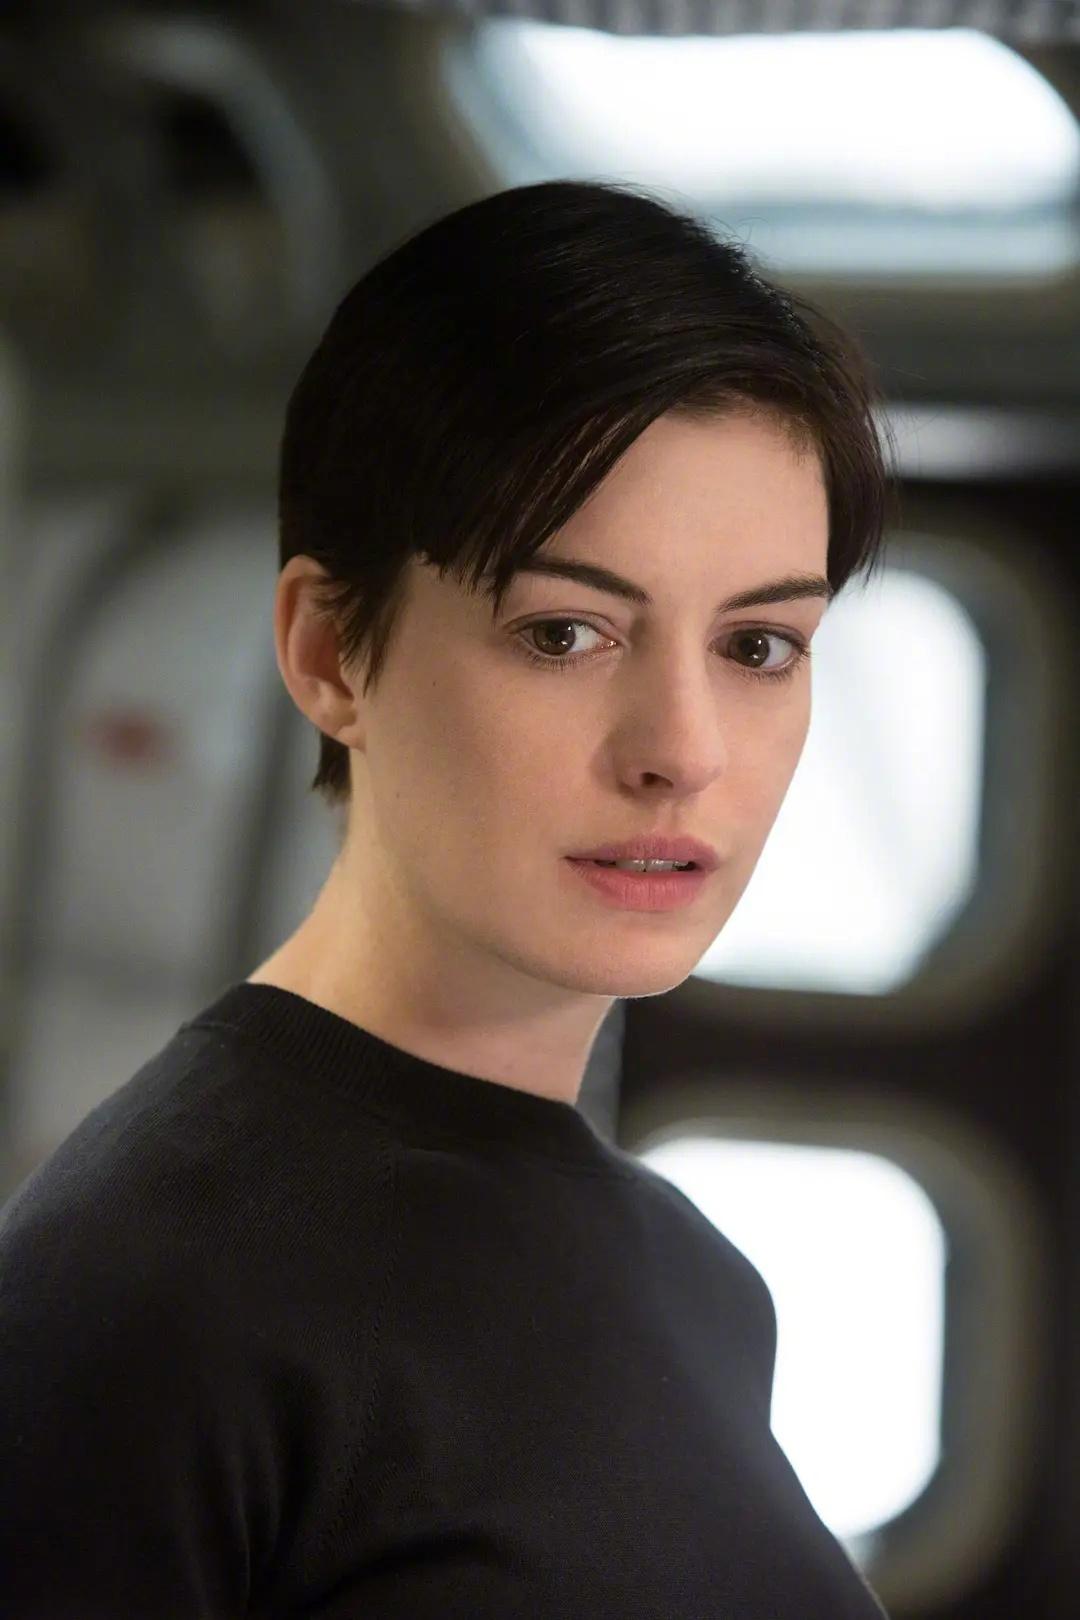 马修麦康纳和安妮海瑟薇主演的《星际穿越》将于8月2日重映